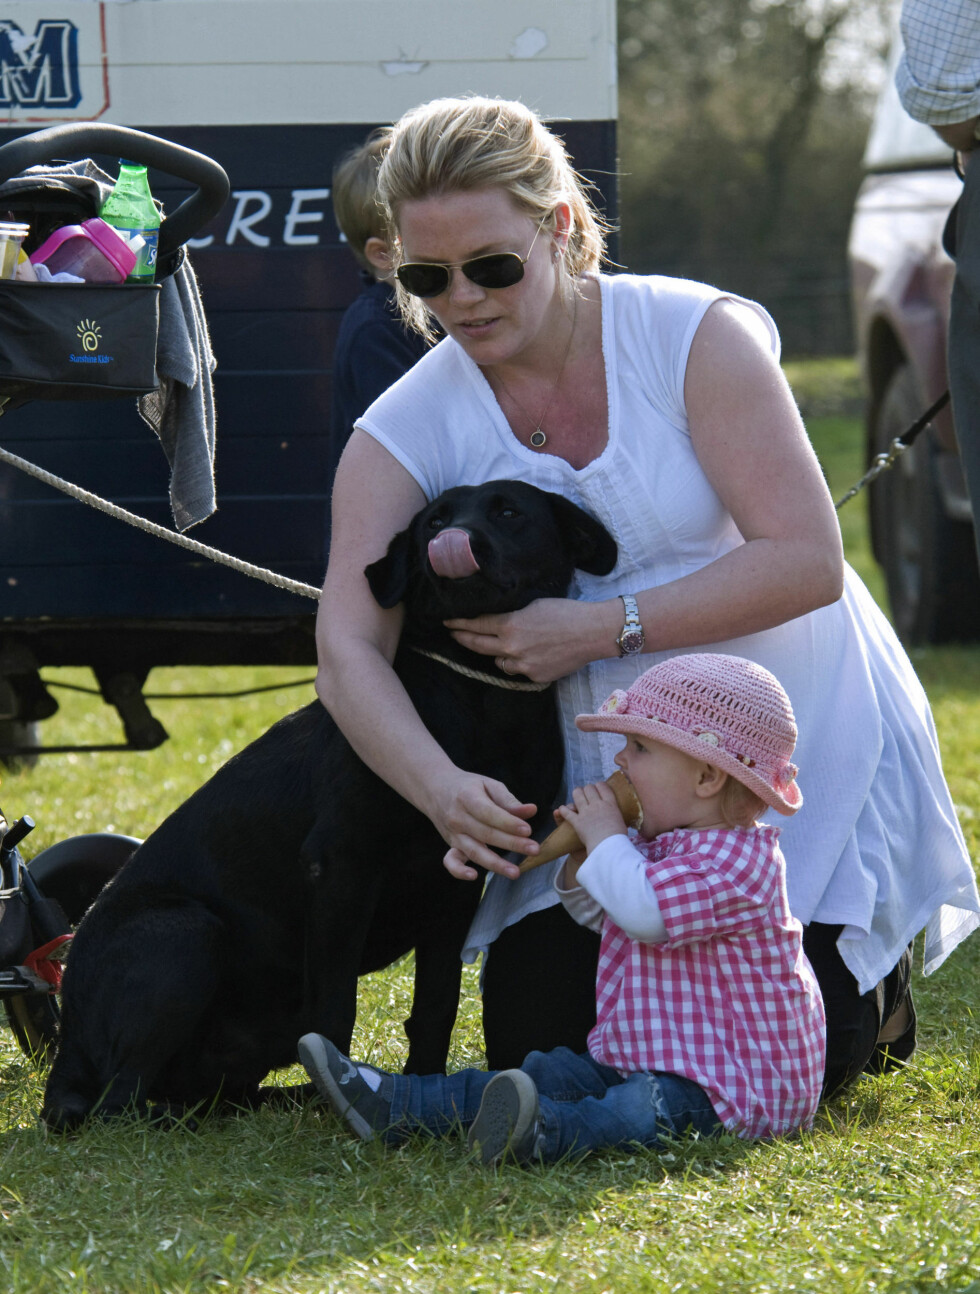 VARMT: Savannah slappet av med en is i varmen sammen med mamma og familiens hund.  Foto: Stella Pictures